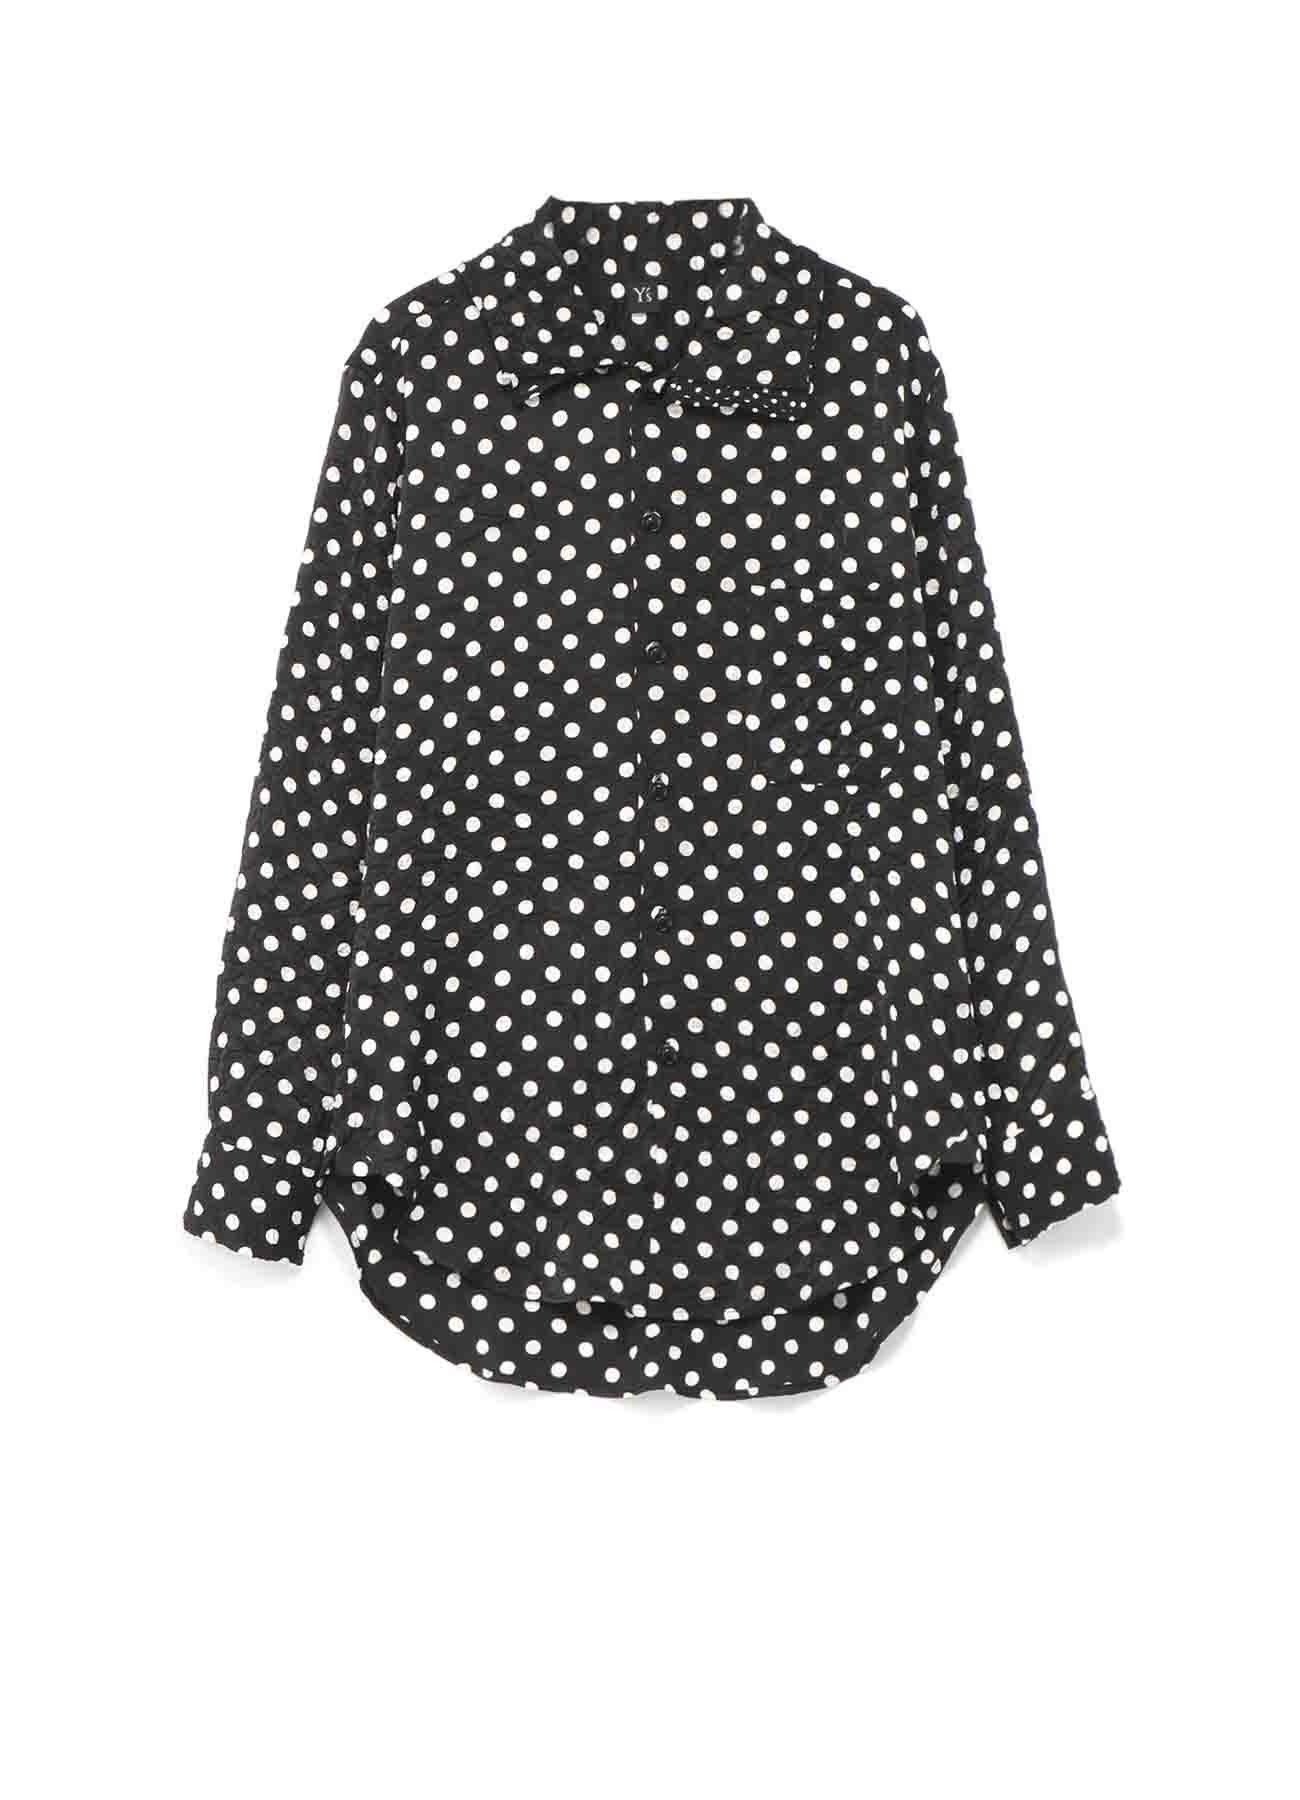 聚酯圆点缎面皱褶分层领衬衫